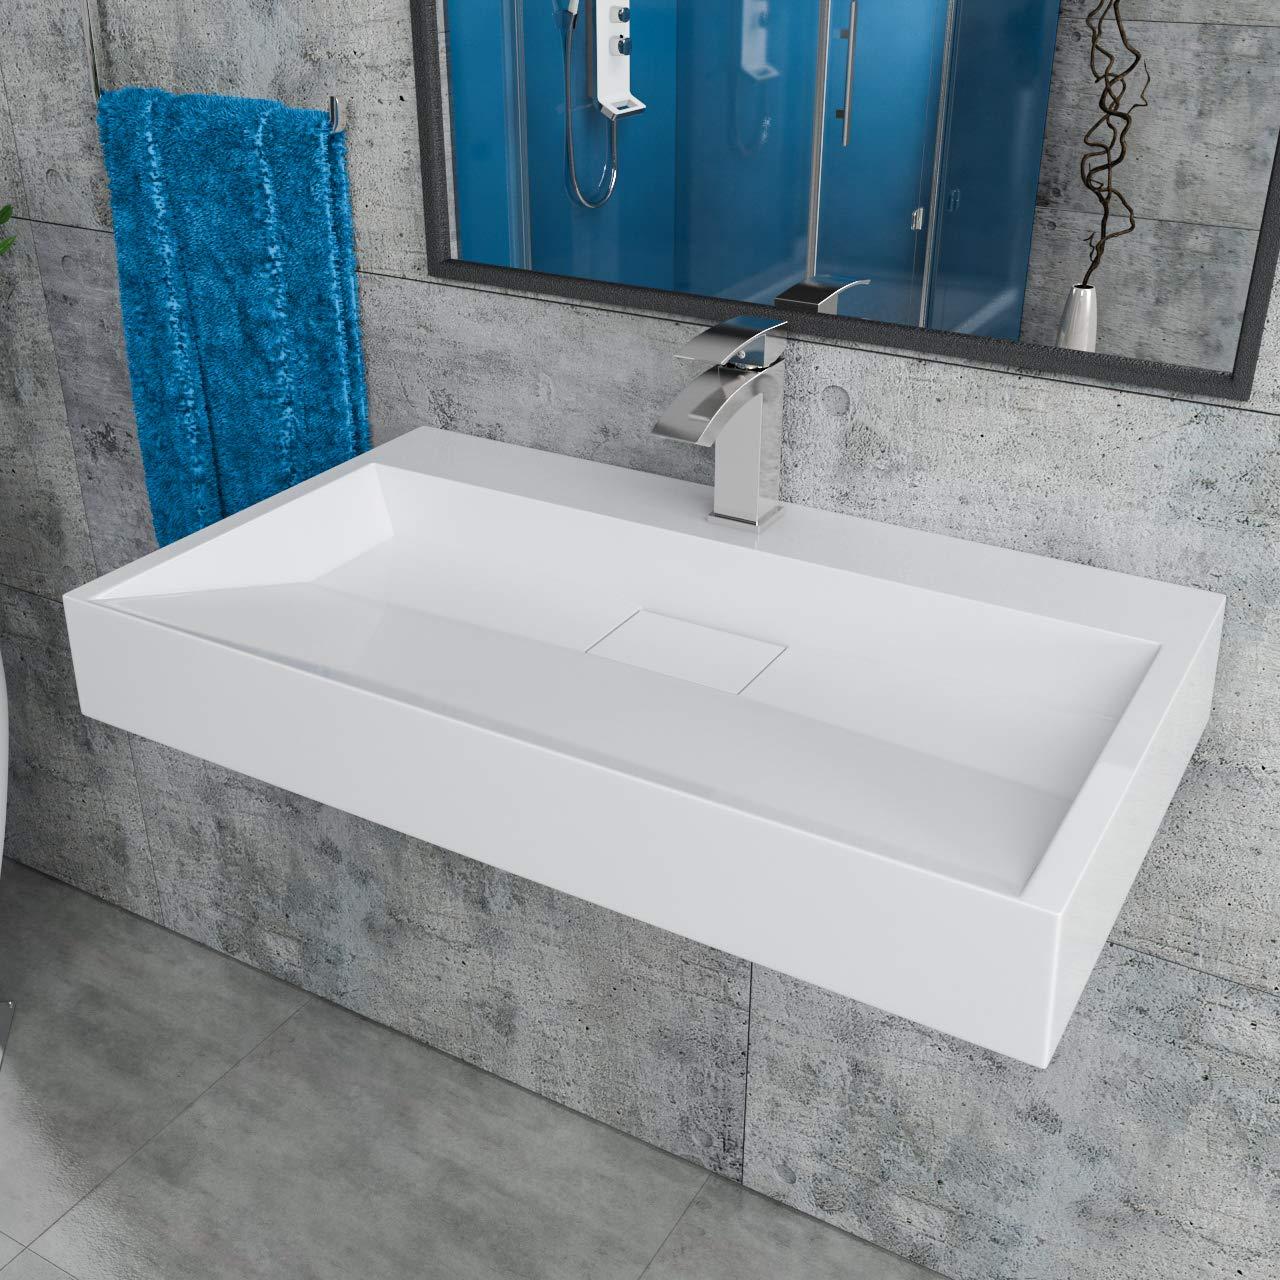 Design Mineralgusswaschtisch Waschbecken Aufsatzwaschtisch Aufsatzwaschbecken aus Mineralguss wandhängend eckig 80x46x11cm CLS19-800